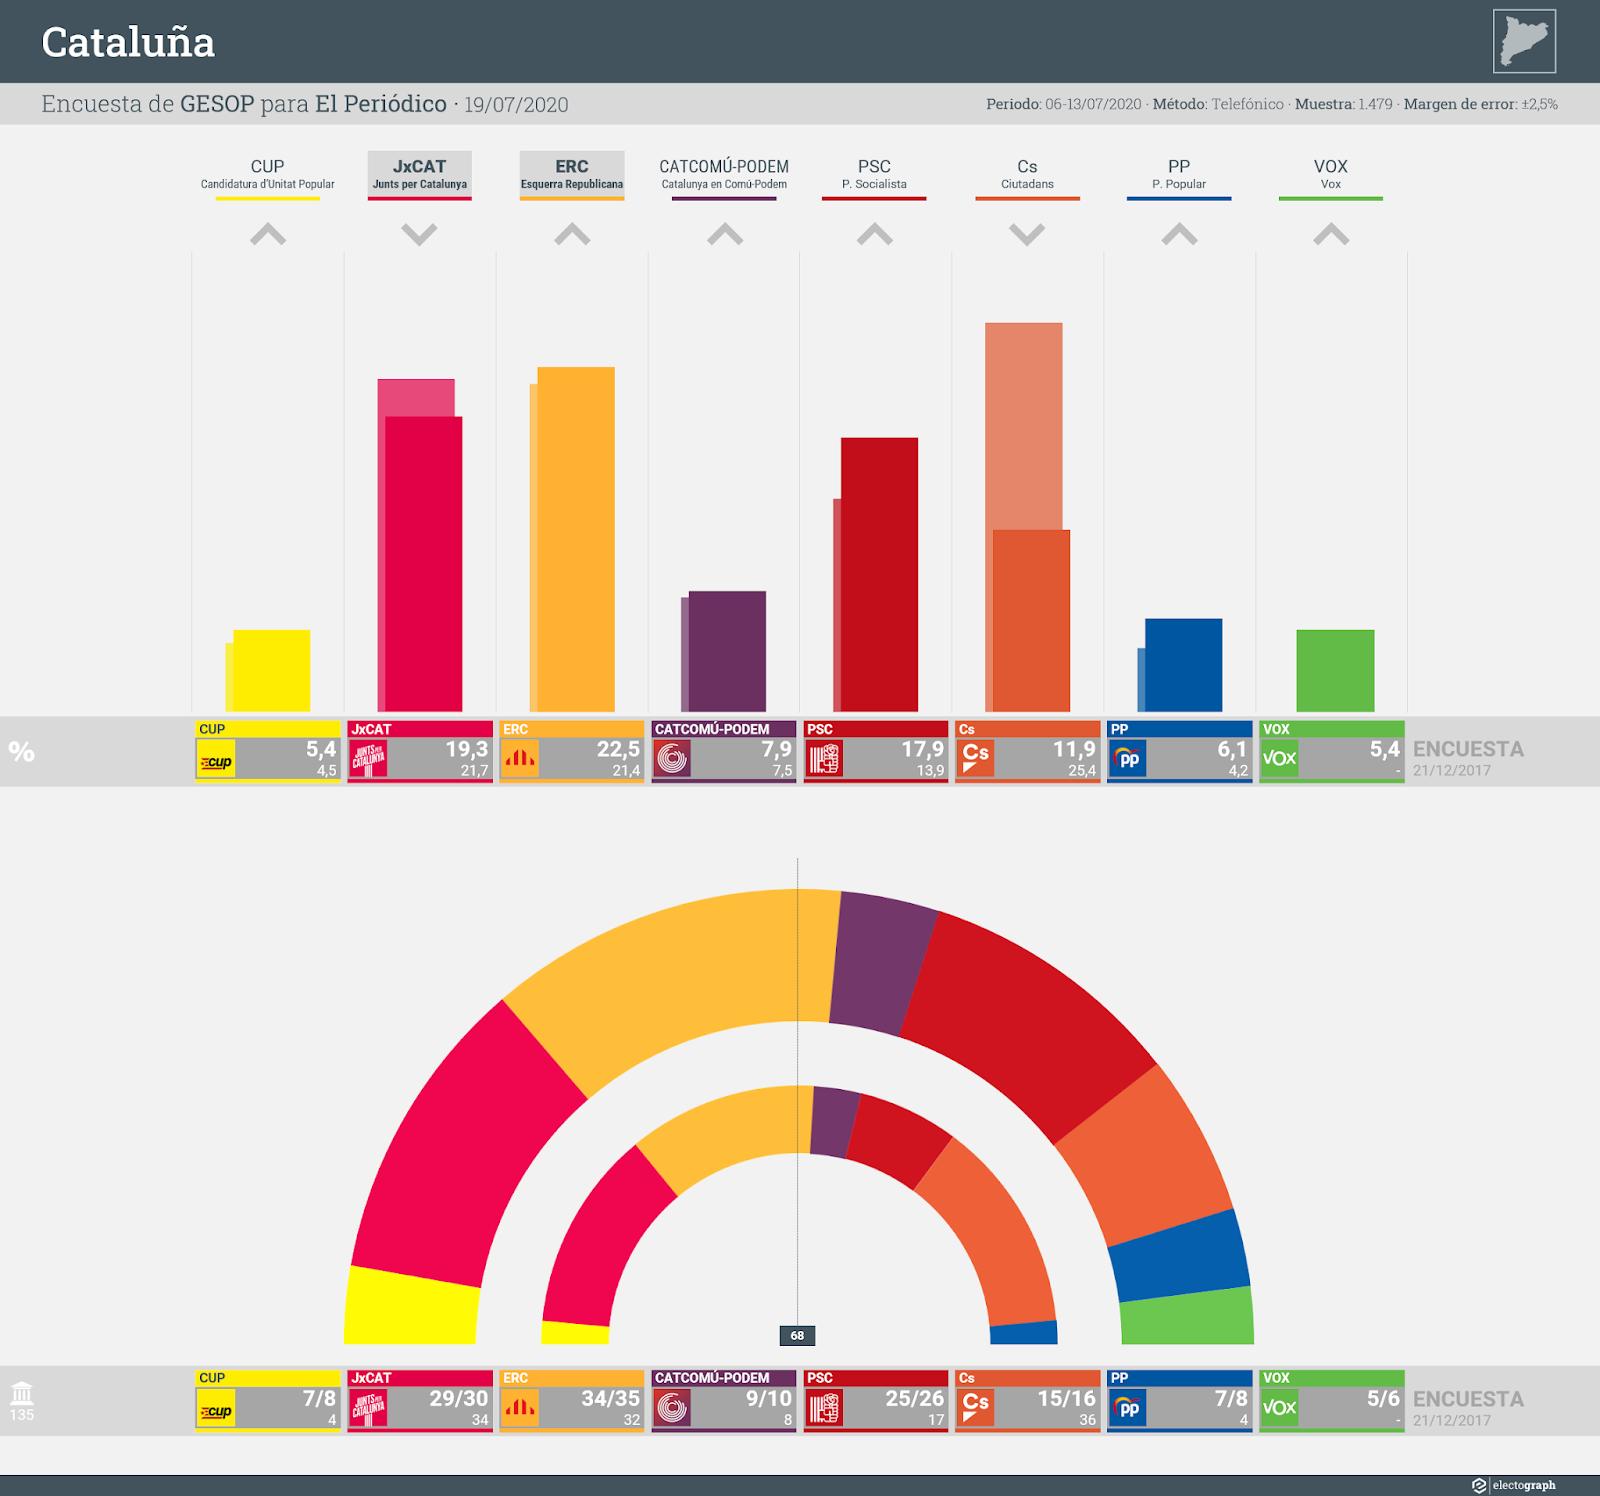 Gráfico de la encuesta para elecciones autonómicas en Cataluña realizada por GESOP para El Periódico, 19 de julio de 2020